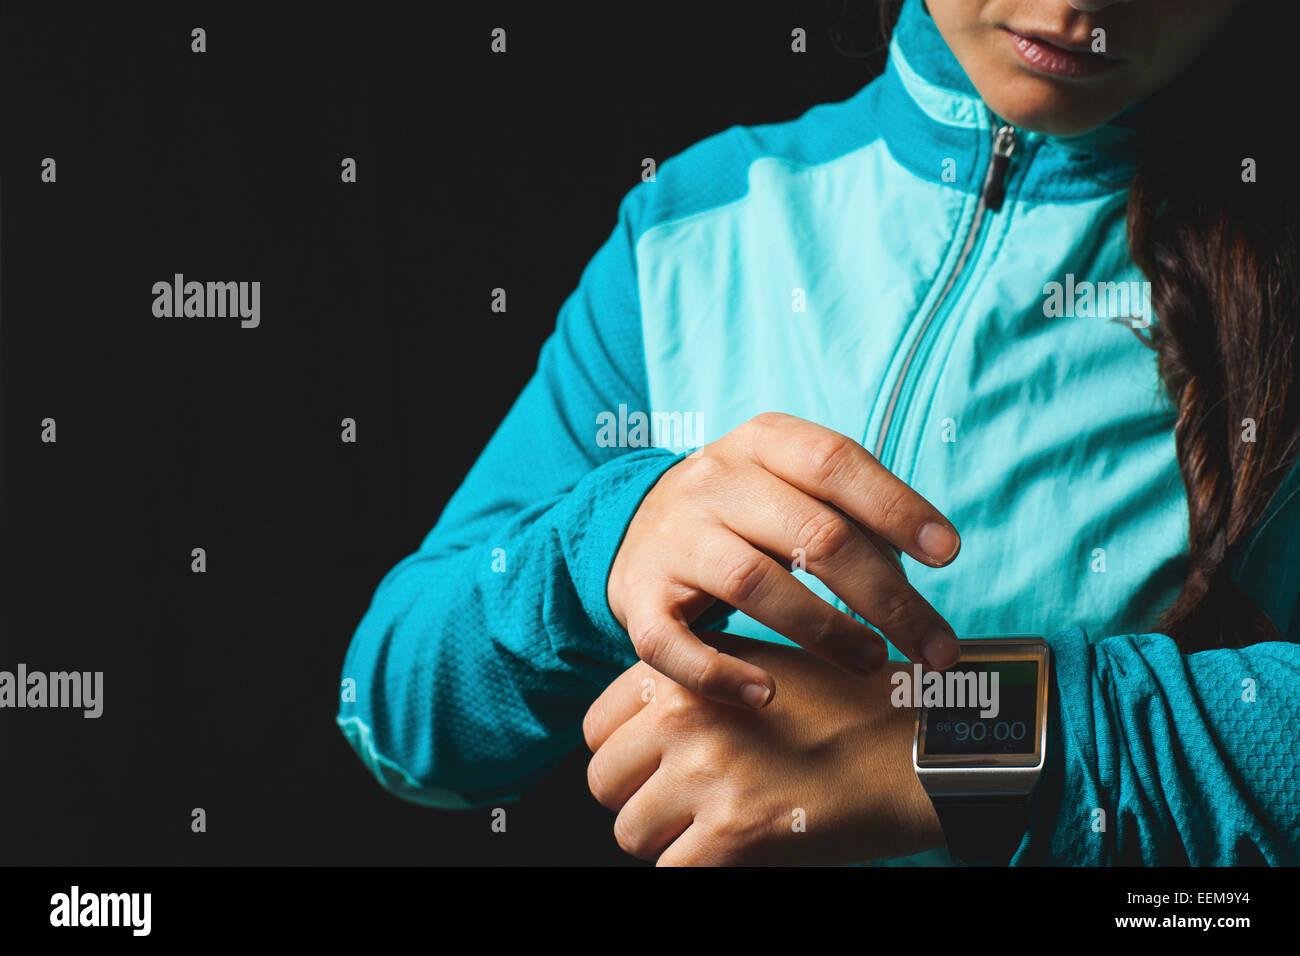 Donna che indossa orologio intelligente dispositivo su sfondo nero Immagini Stock